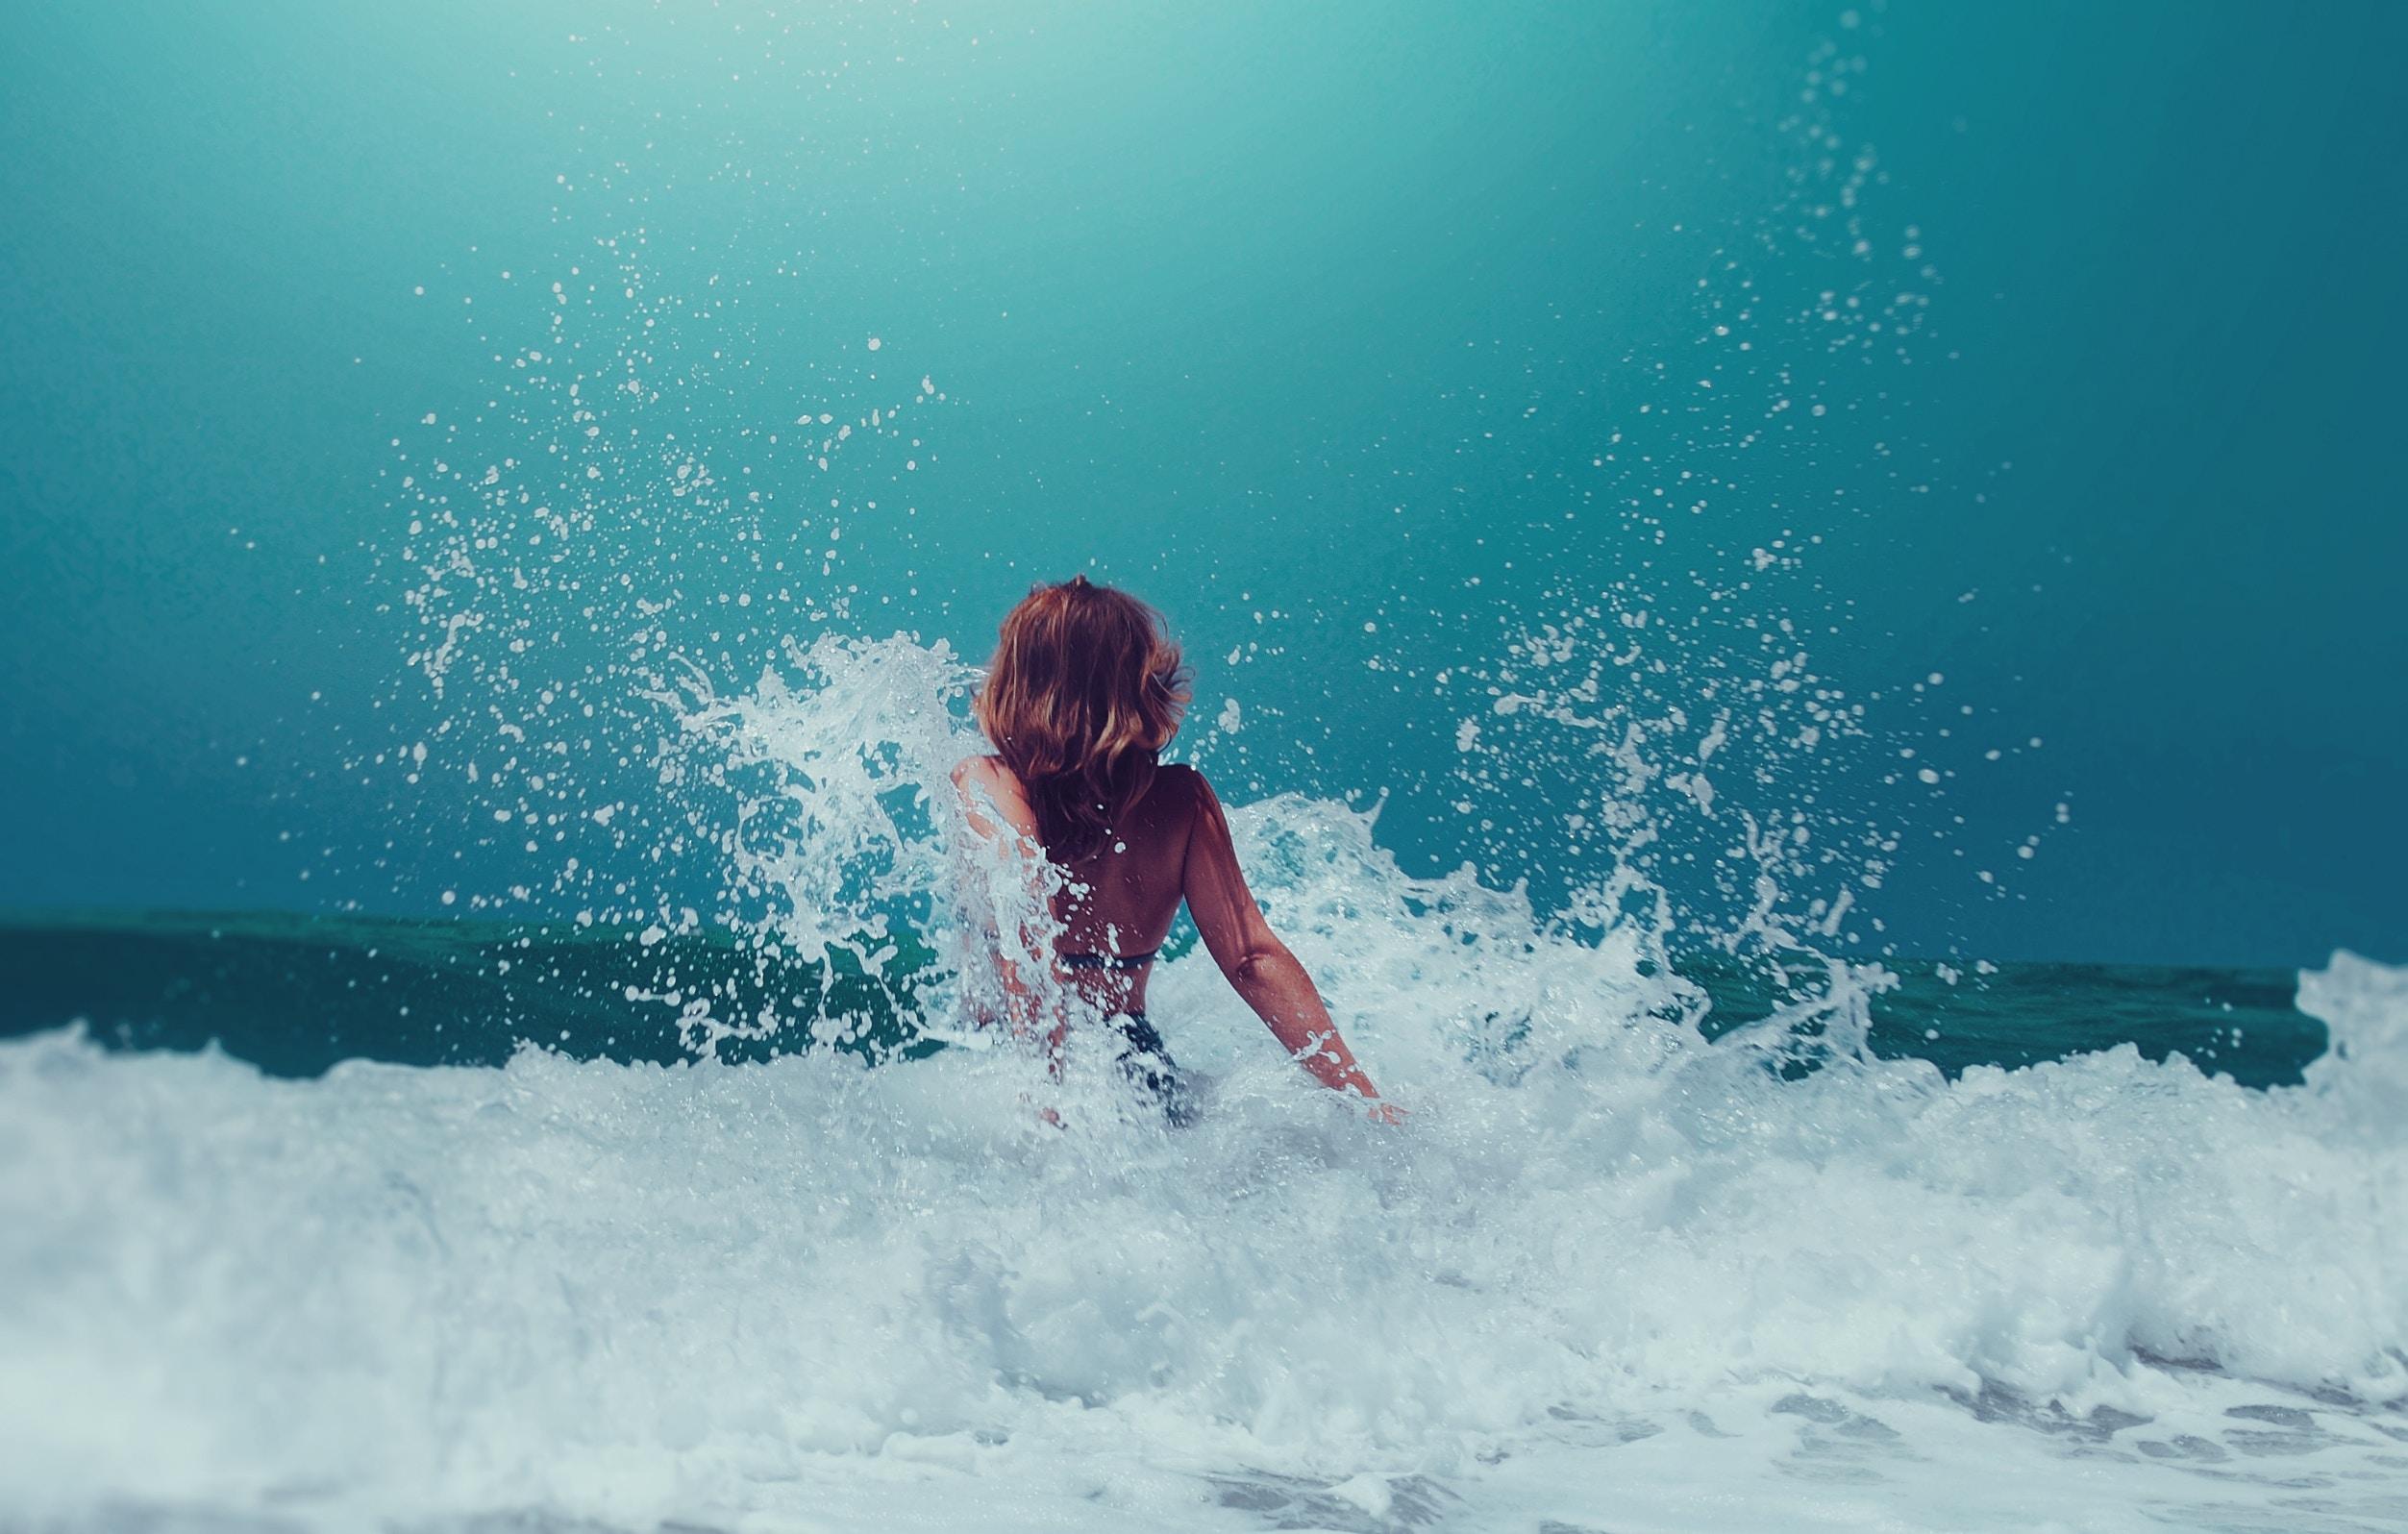 Posljednja istraživanja idu u prilog i dužini života: pokazalo se da plivanje smanjuje rizik od prerane smrti za čak 50 posto.